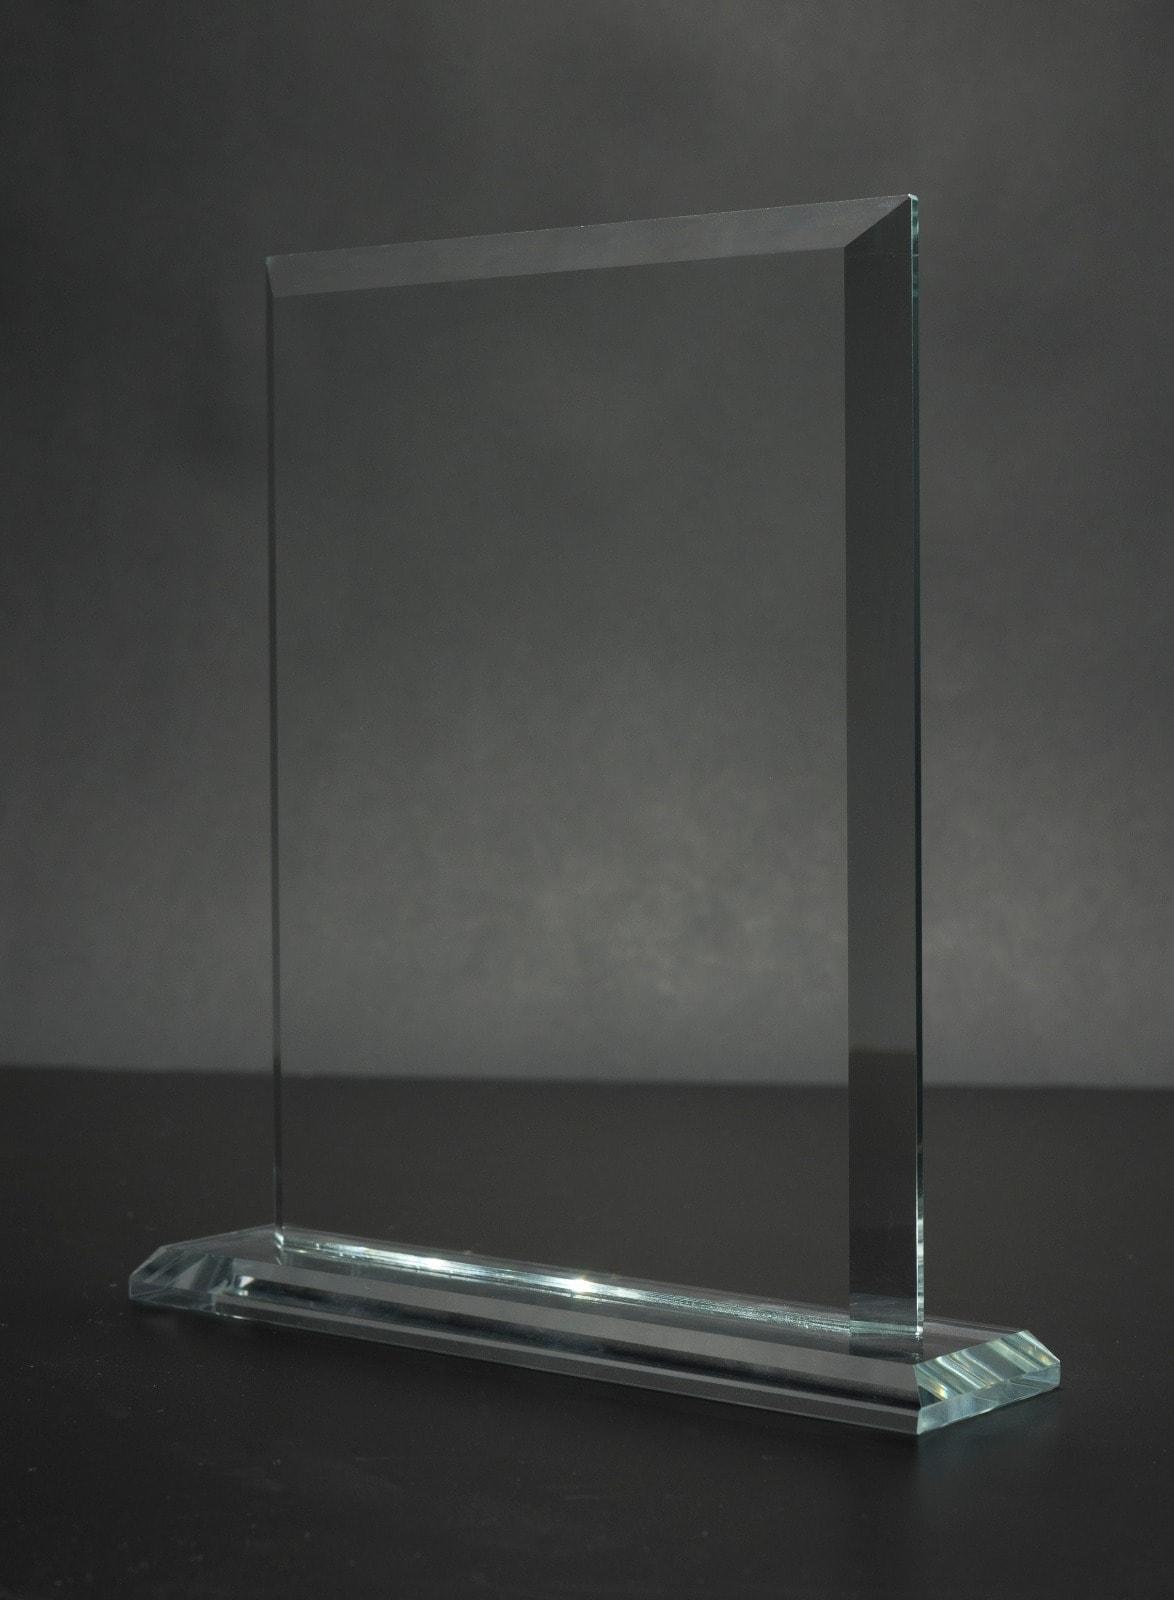 מגן זכוכית מלבן – לוחית הוקרה אלומיניום – לוניטק